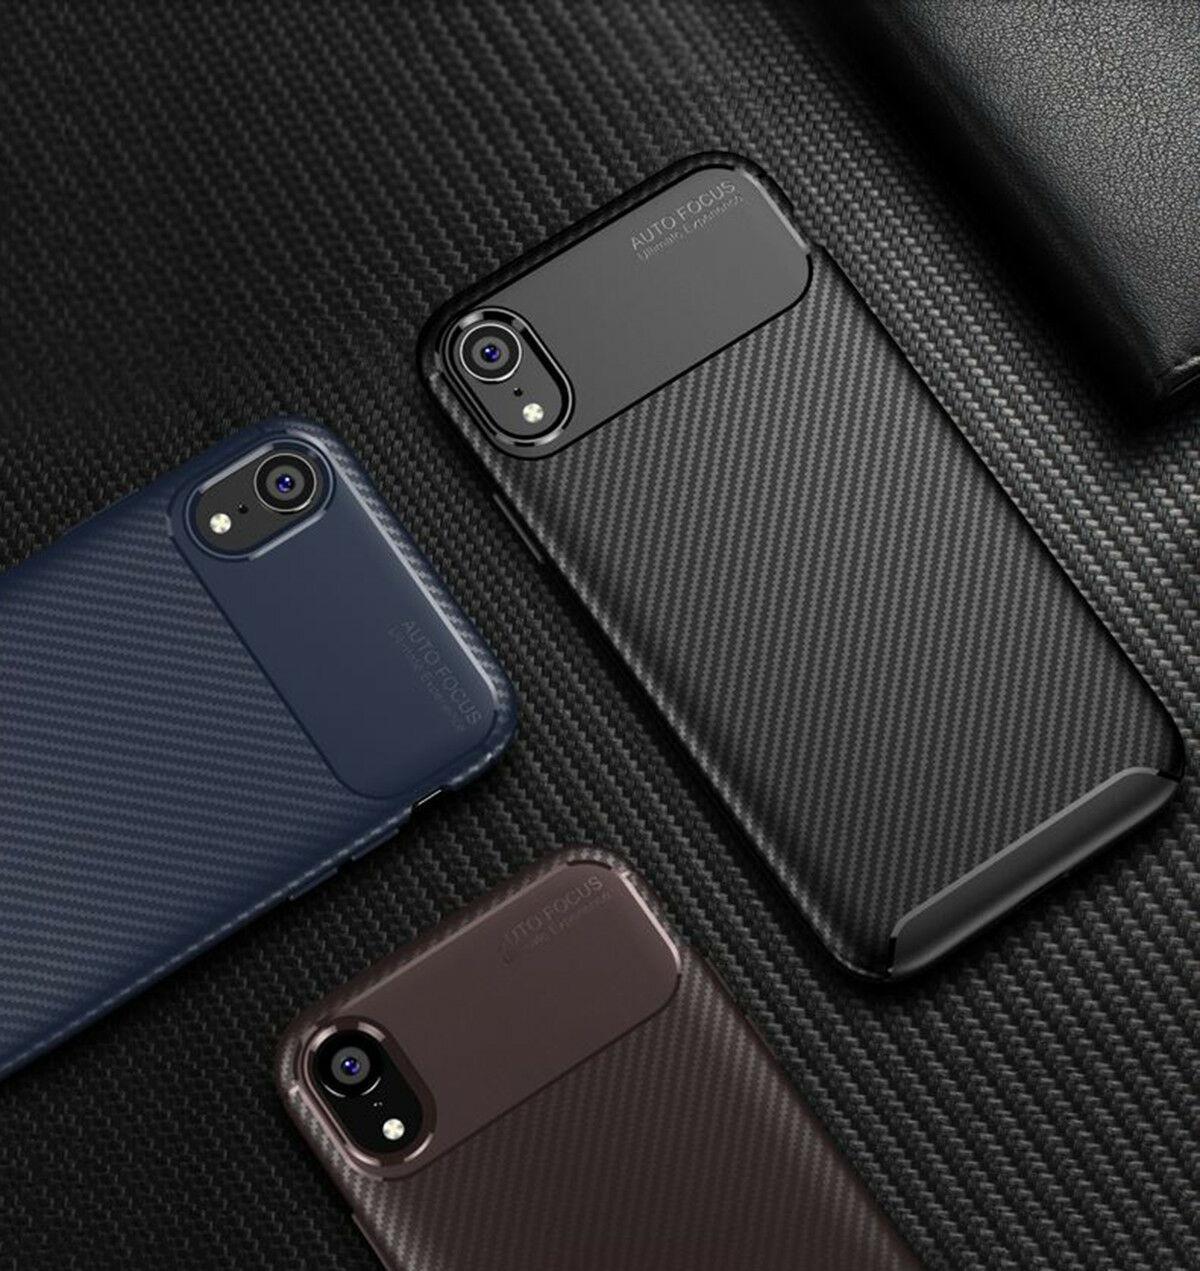 iphone için iPhone Karbon Elyaf Yumuşak Kapak TPU Silikon İnce kapak için Vaka 11 pro X XR Max 8 7 6 Plus